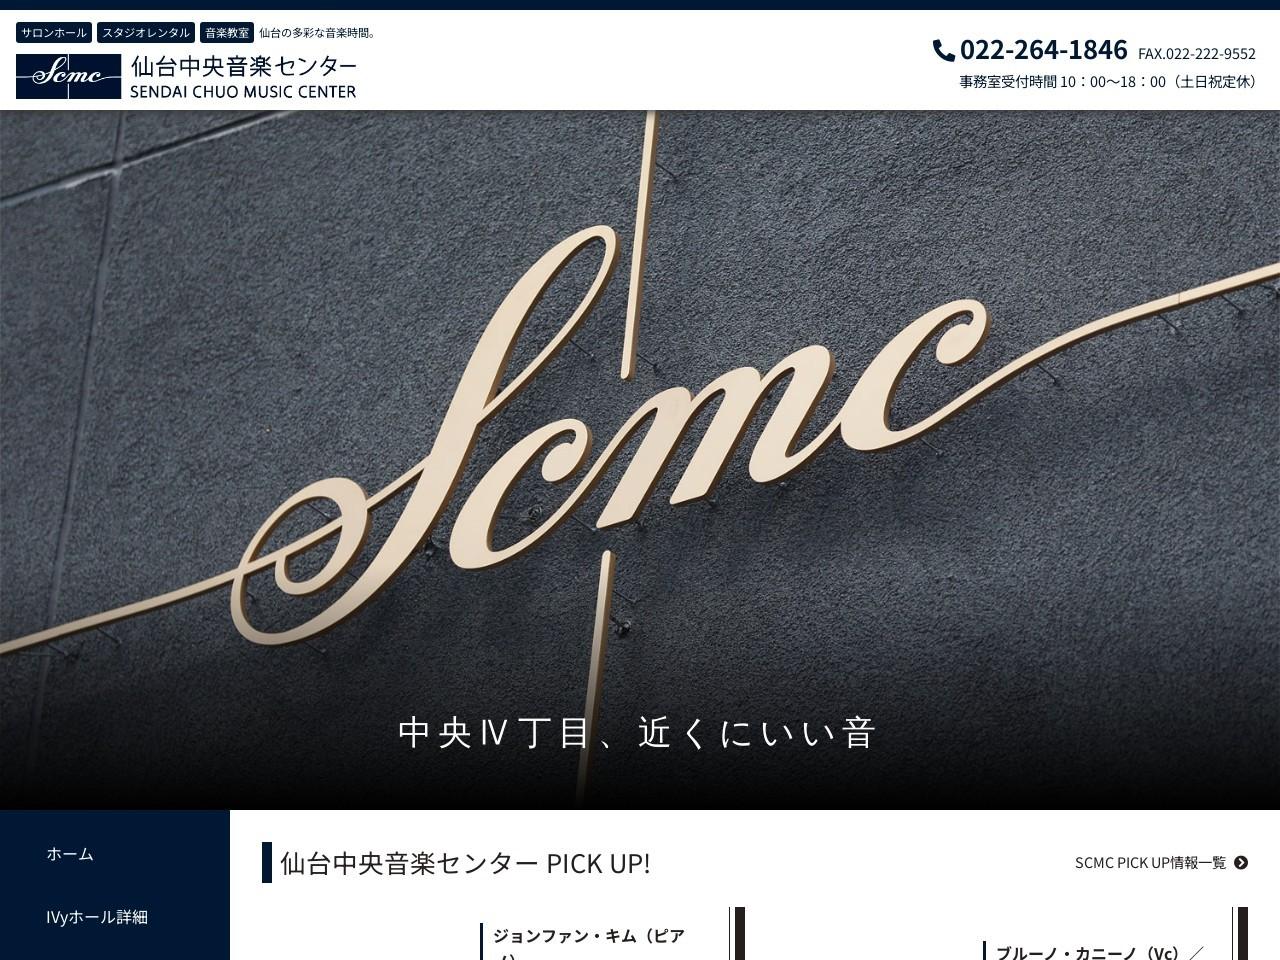 仙台中央音楽センターのサムネイル